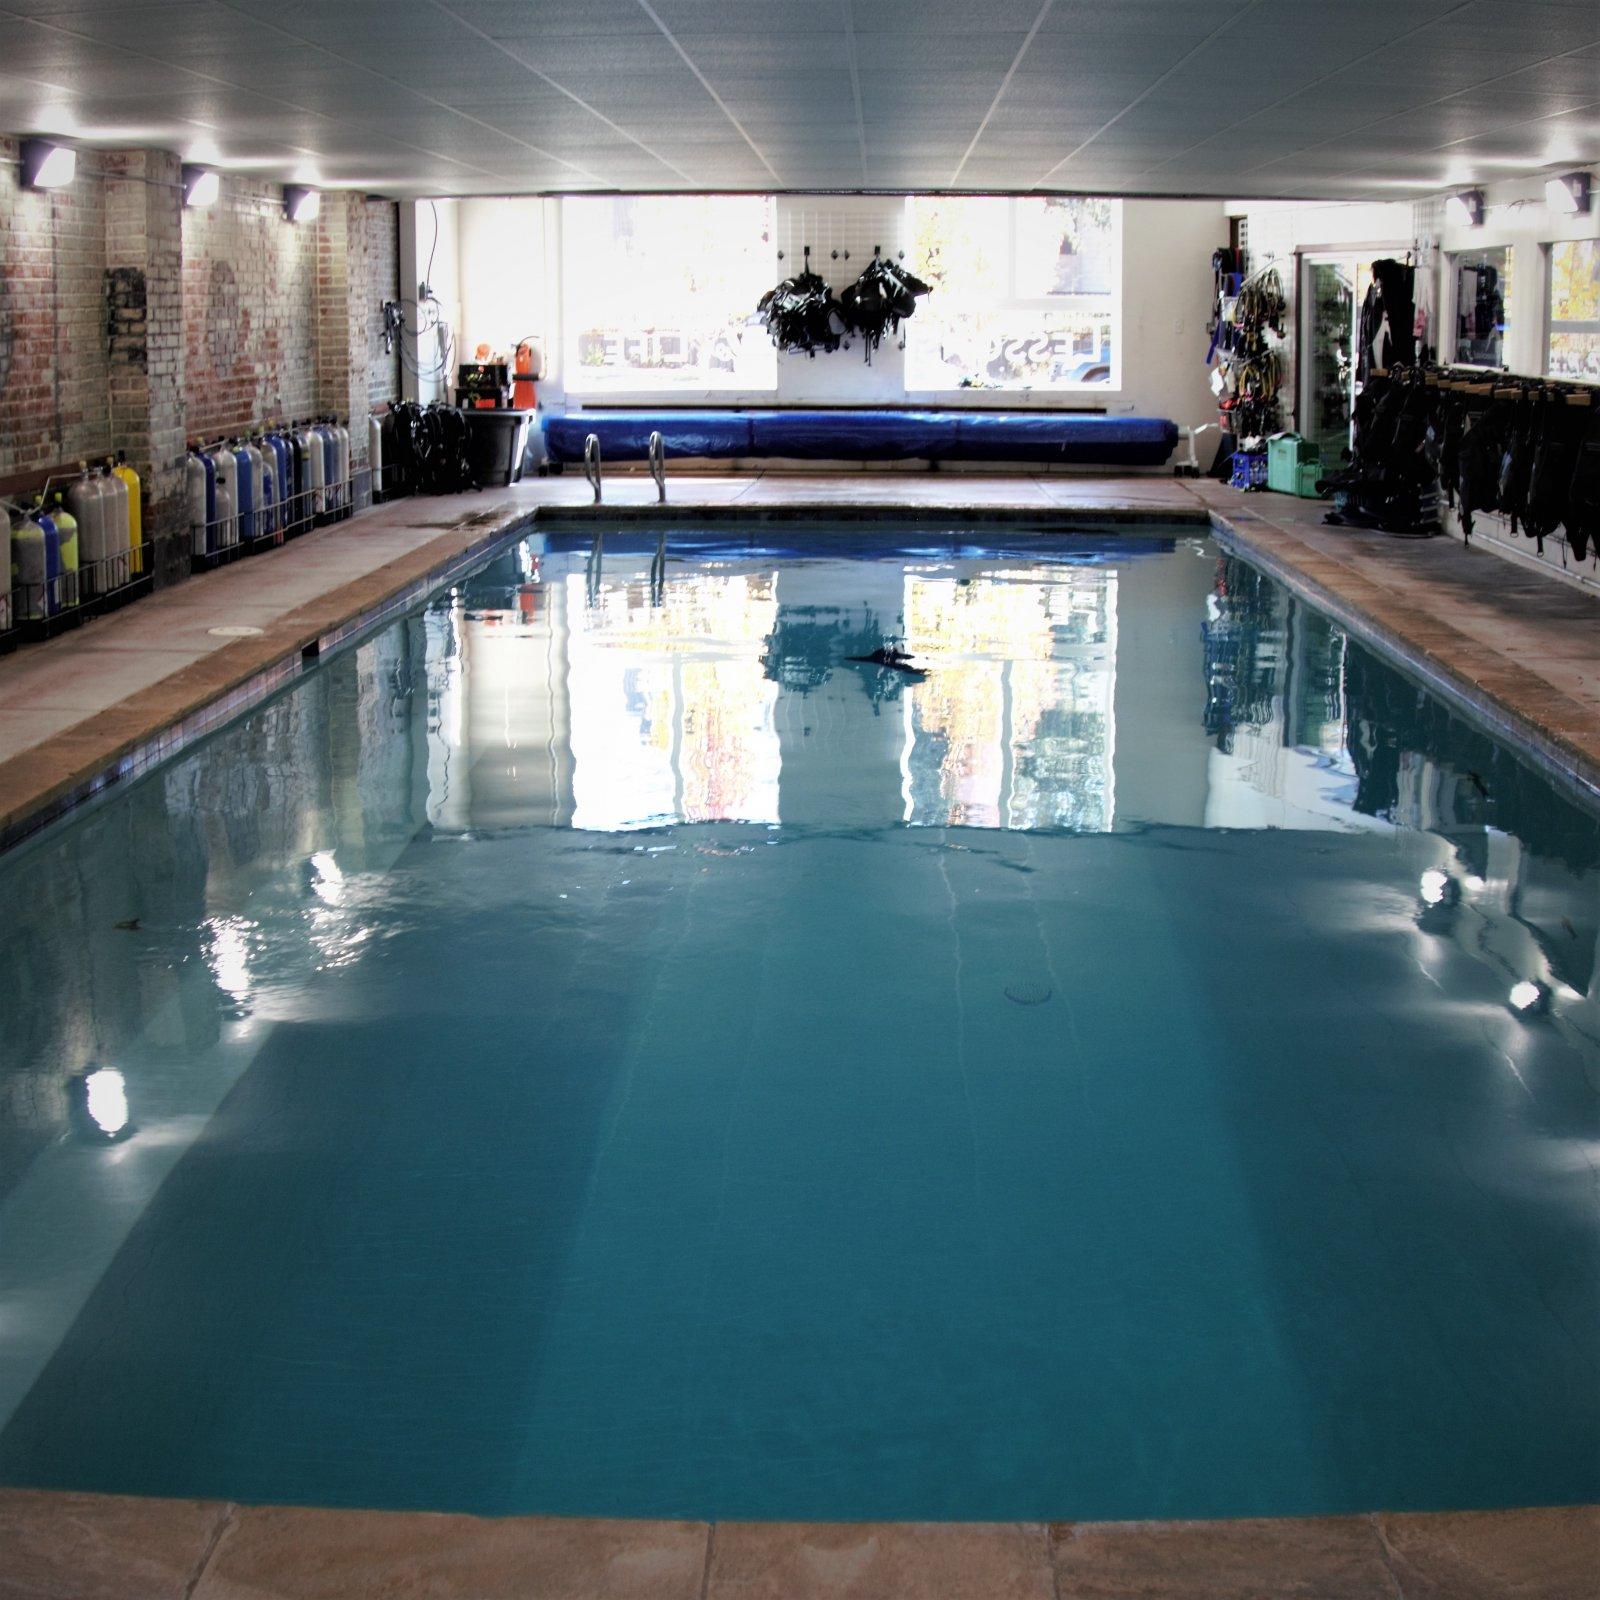 Pool at Denver Divers